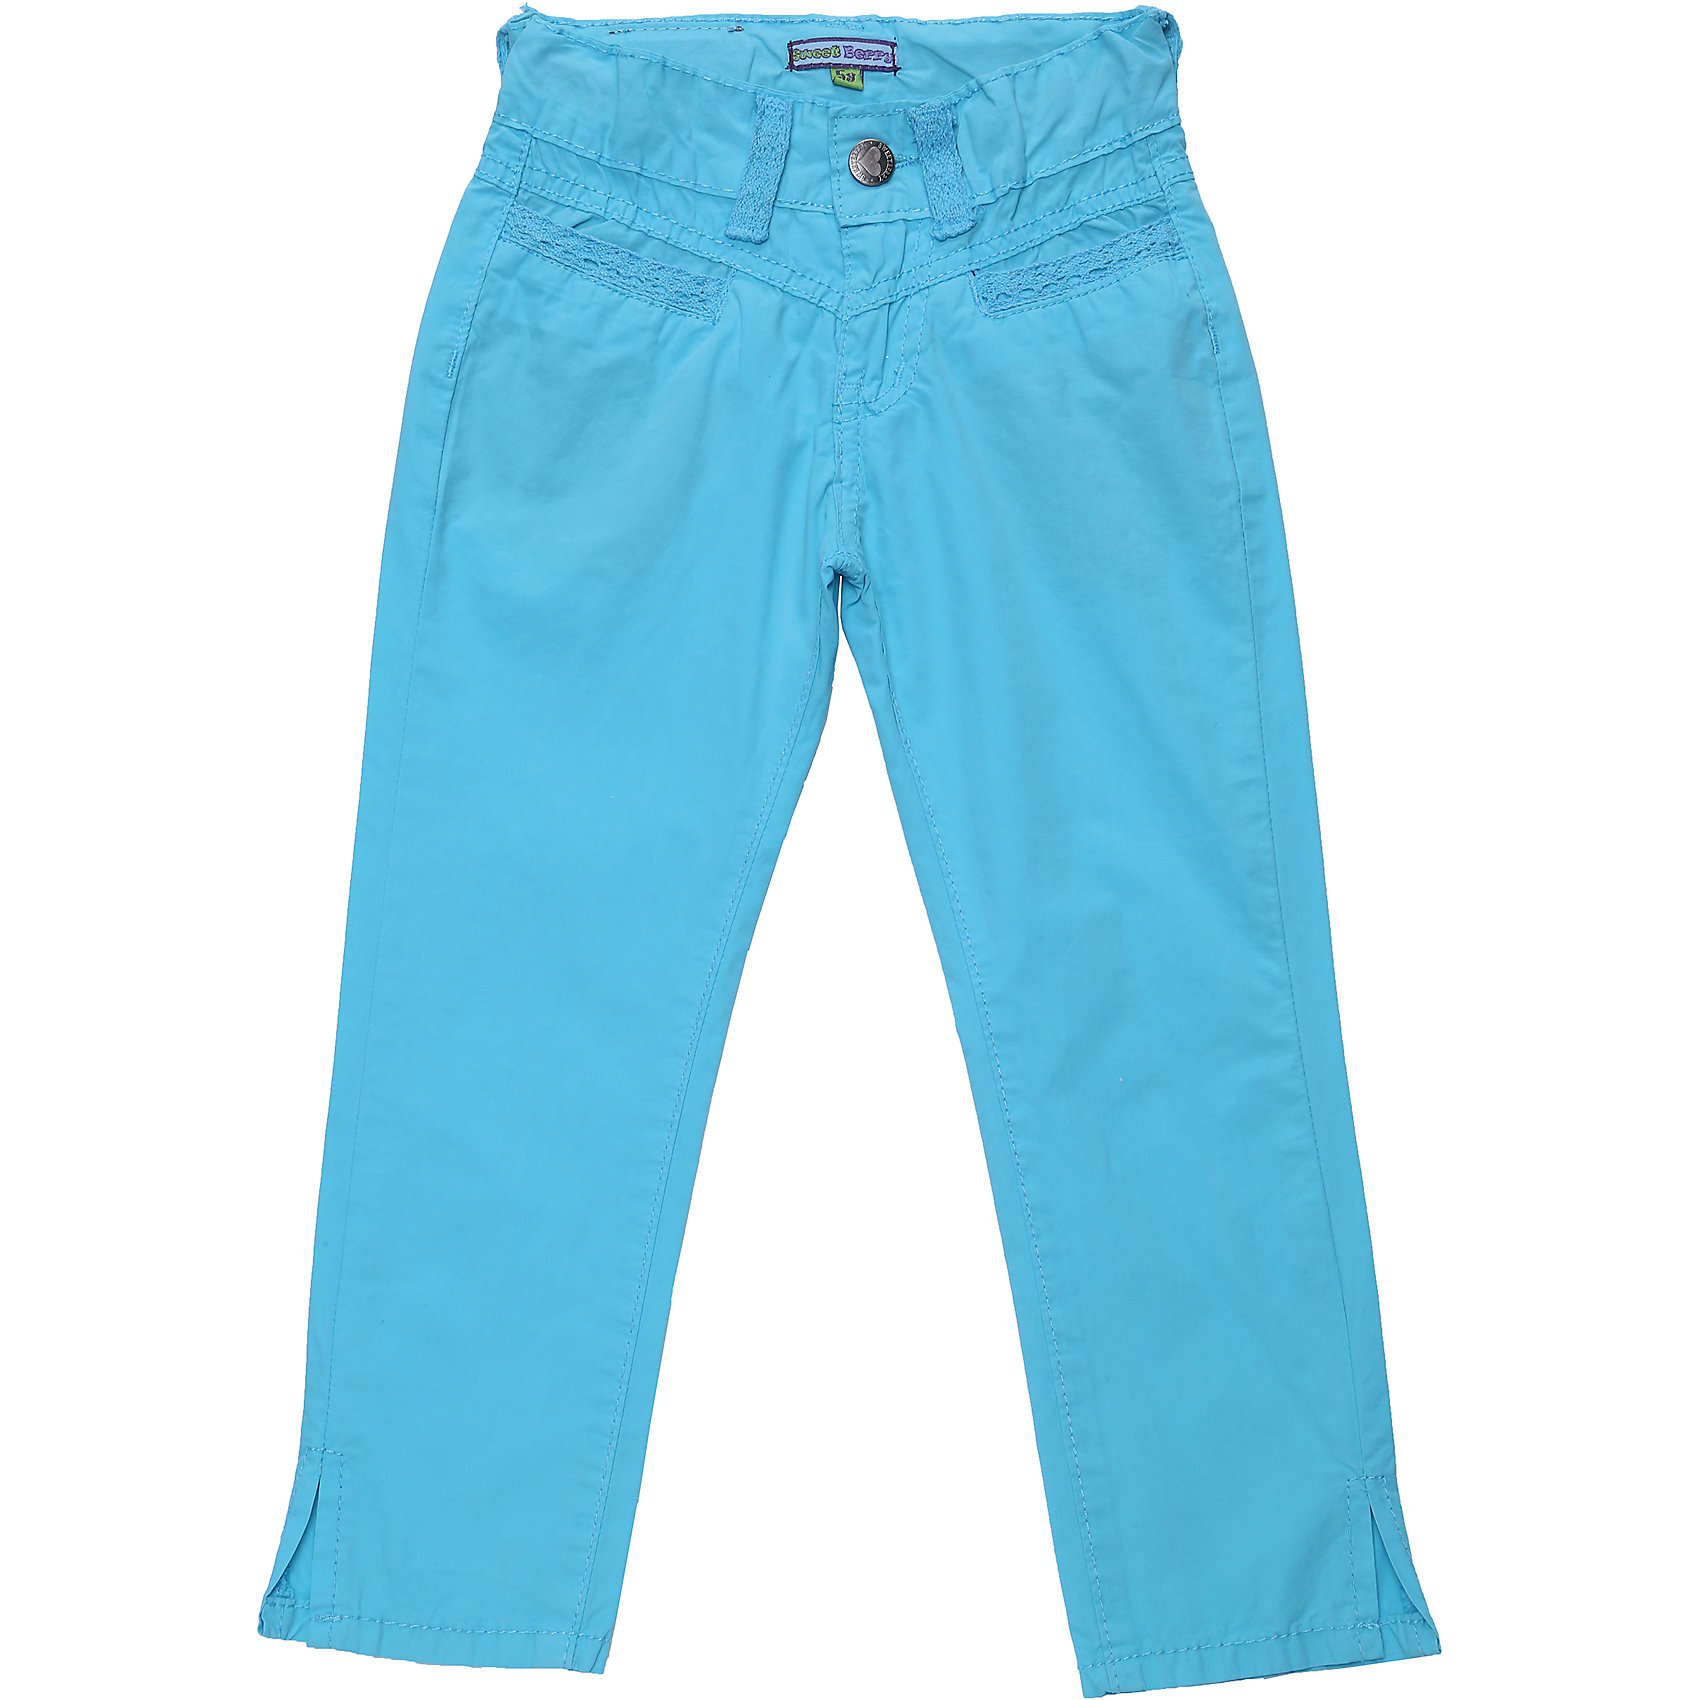 Брюки для девочки Sweet BerryБрюки<br>Текстильные летние брюки. Декорированы ажурной тесьмой. Снизу небольшие разрезы. Пояс регулируется внутренней резинкой.<br>Состав:<br>100% хлопок<br><br>Ширина мм: 215<br>Глубина мм: 88<br>Высота мм: 191<br>Вес г: 336<br>Цвет: голубой<br>Возраст от месяцев: 36<br>Возраст до месяцев: 48<br>Пол: Женский<br>Возраст: Детский<br>Размер: 104,116,98,128,122,110<br>SKU: 4019363